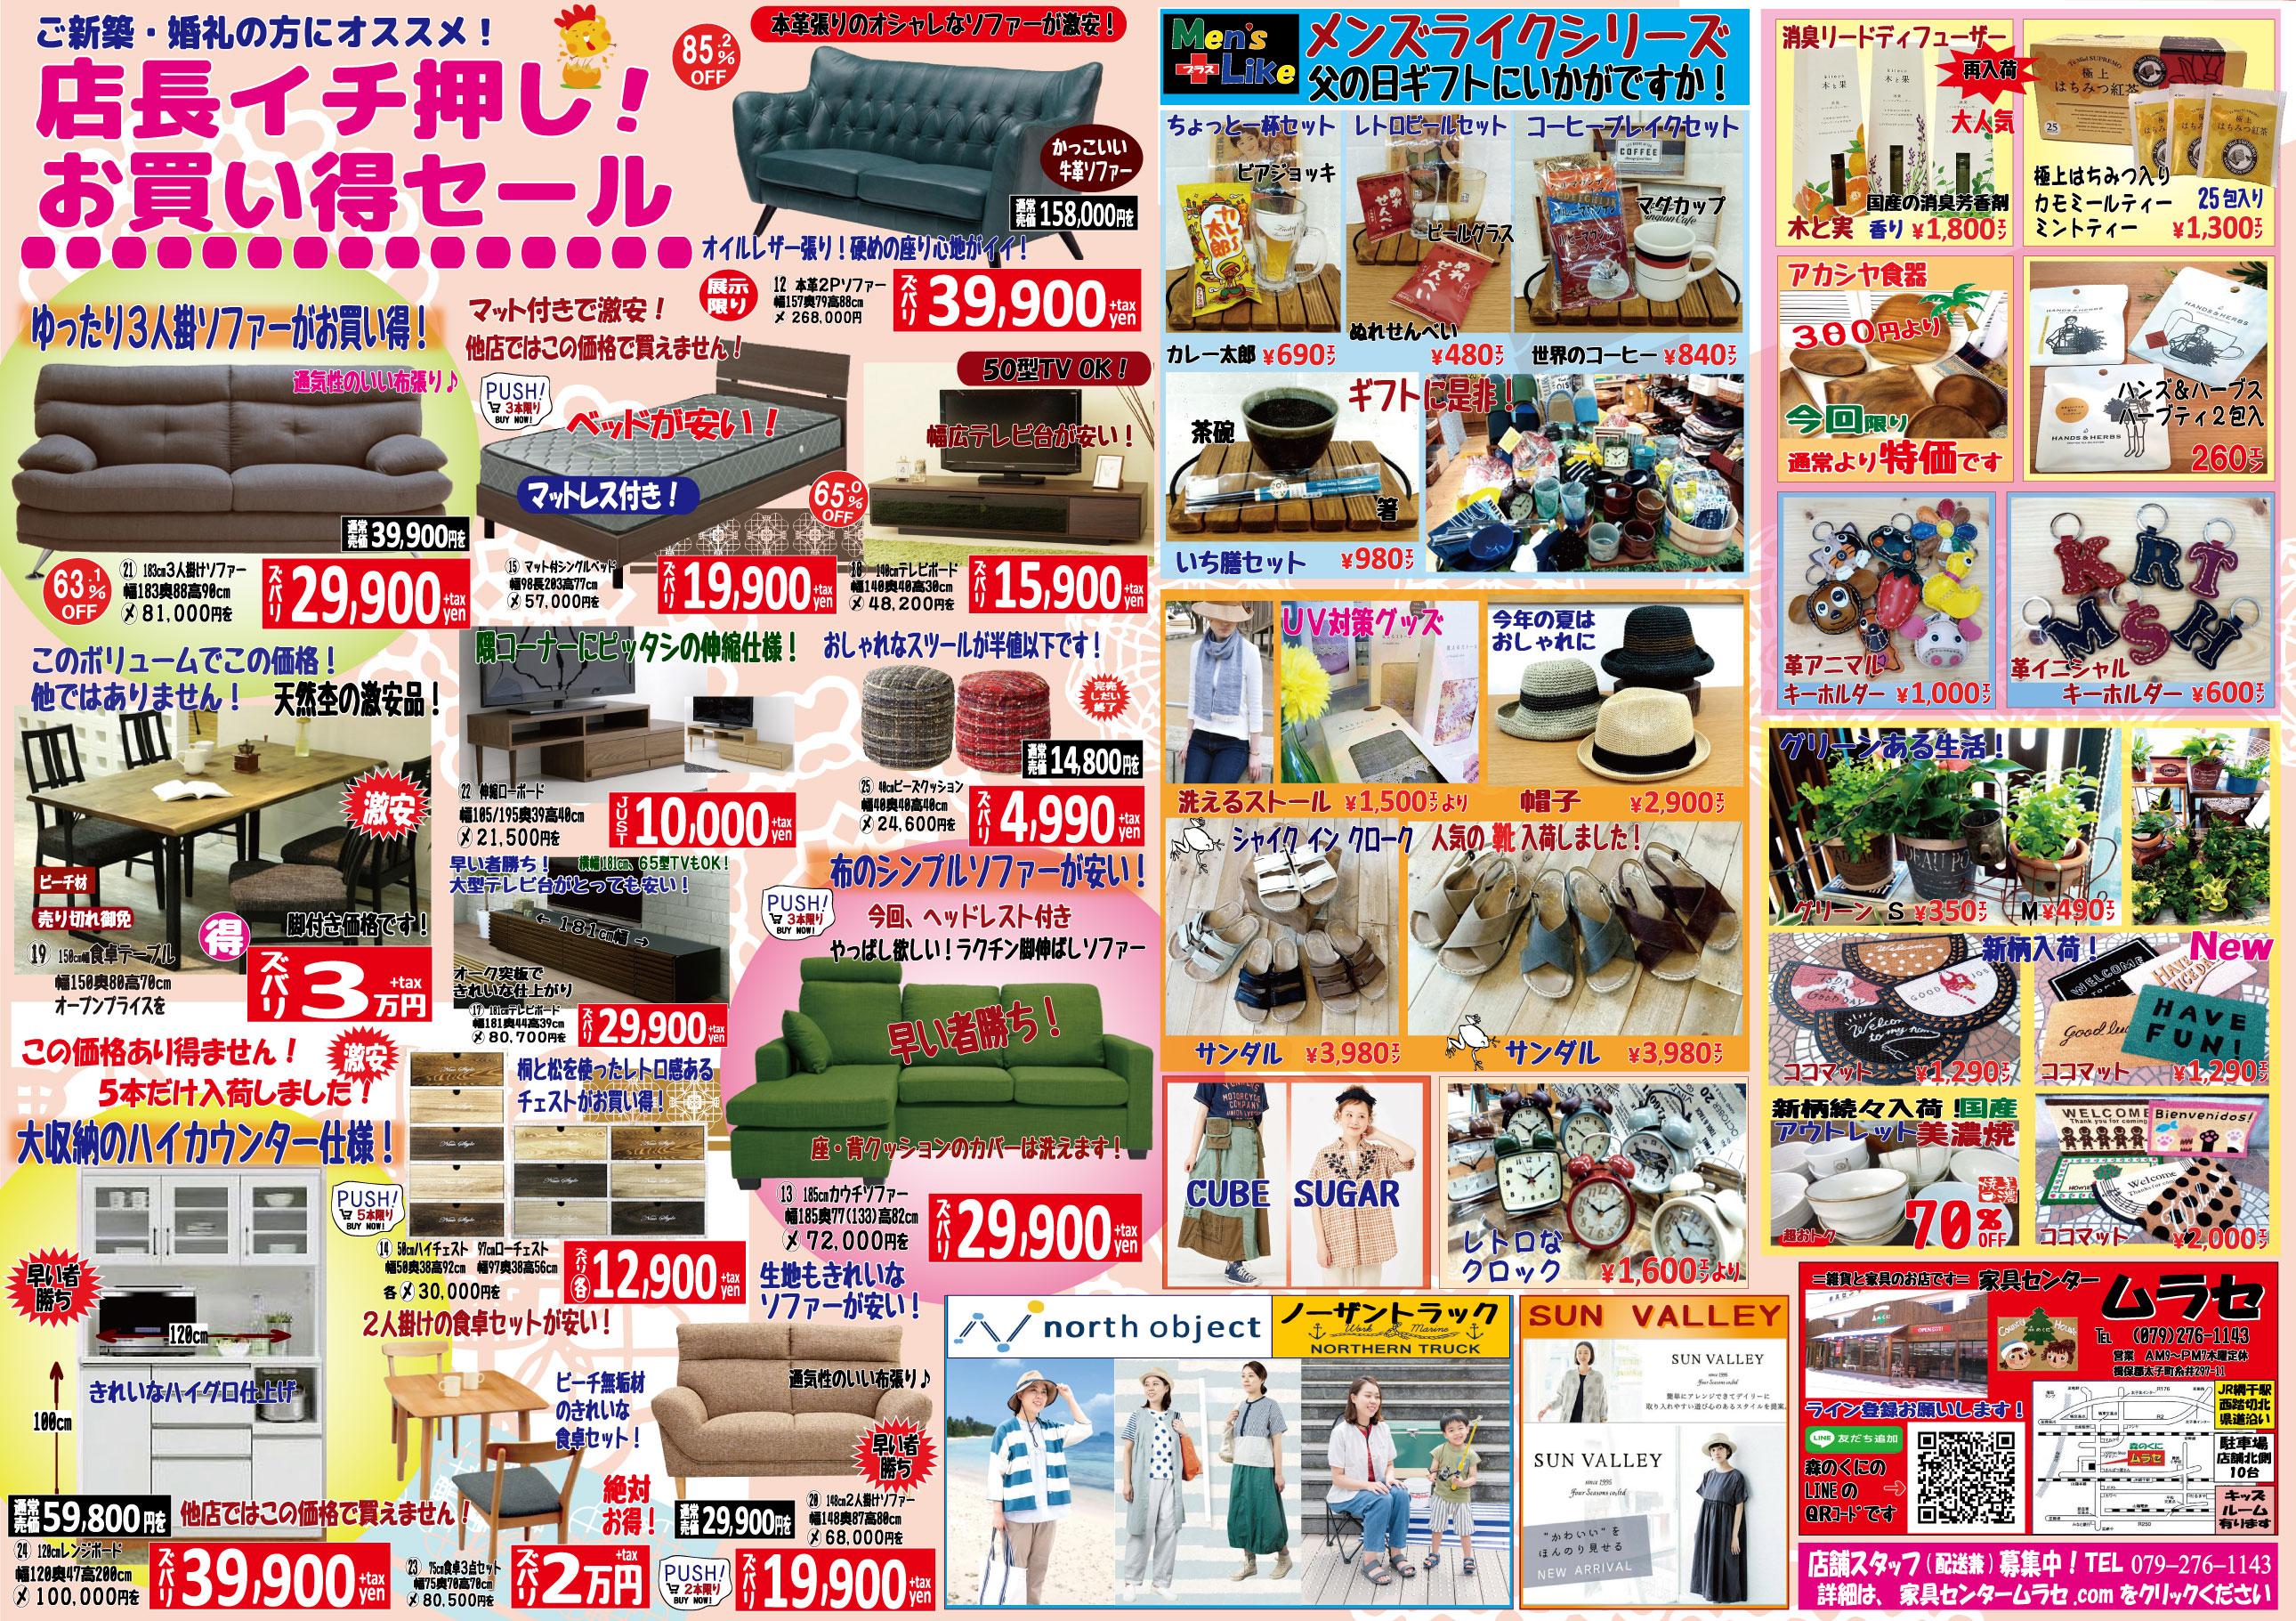 姫路家具 兵庫県家具 家具センタームラセ 2019年6月お買い得チラシ チラシA面